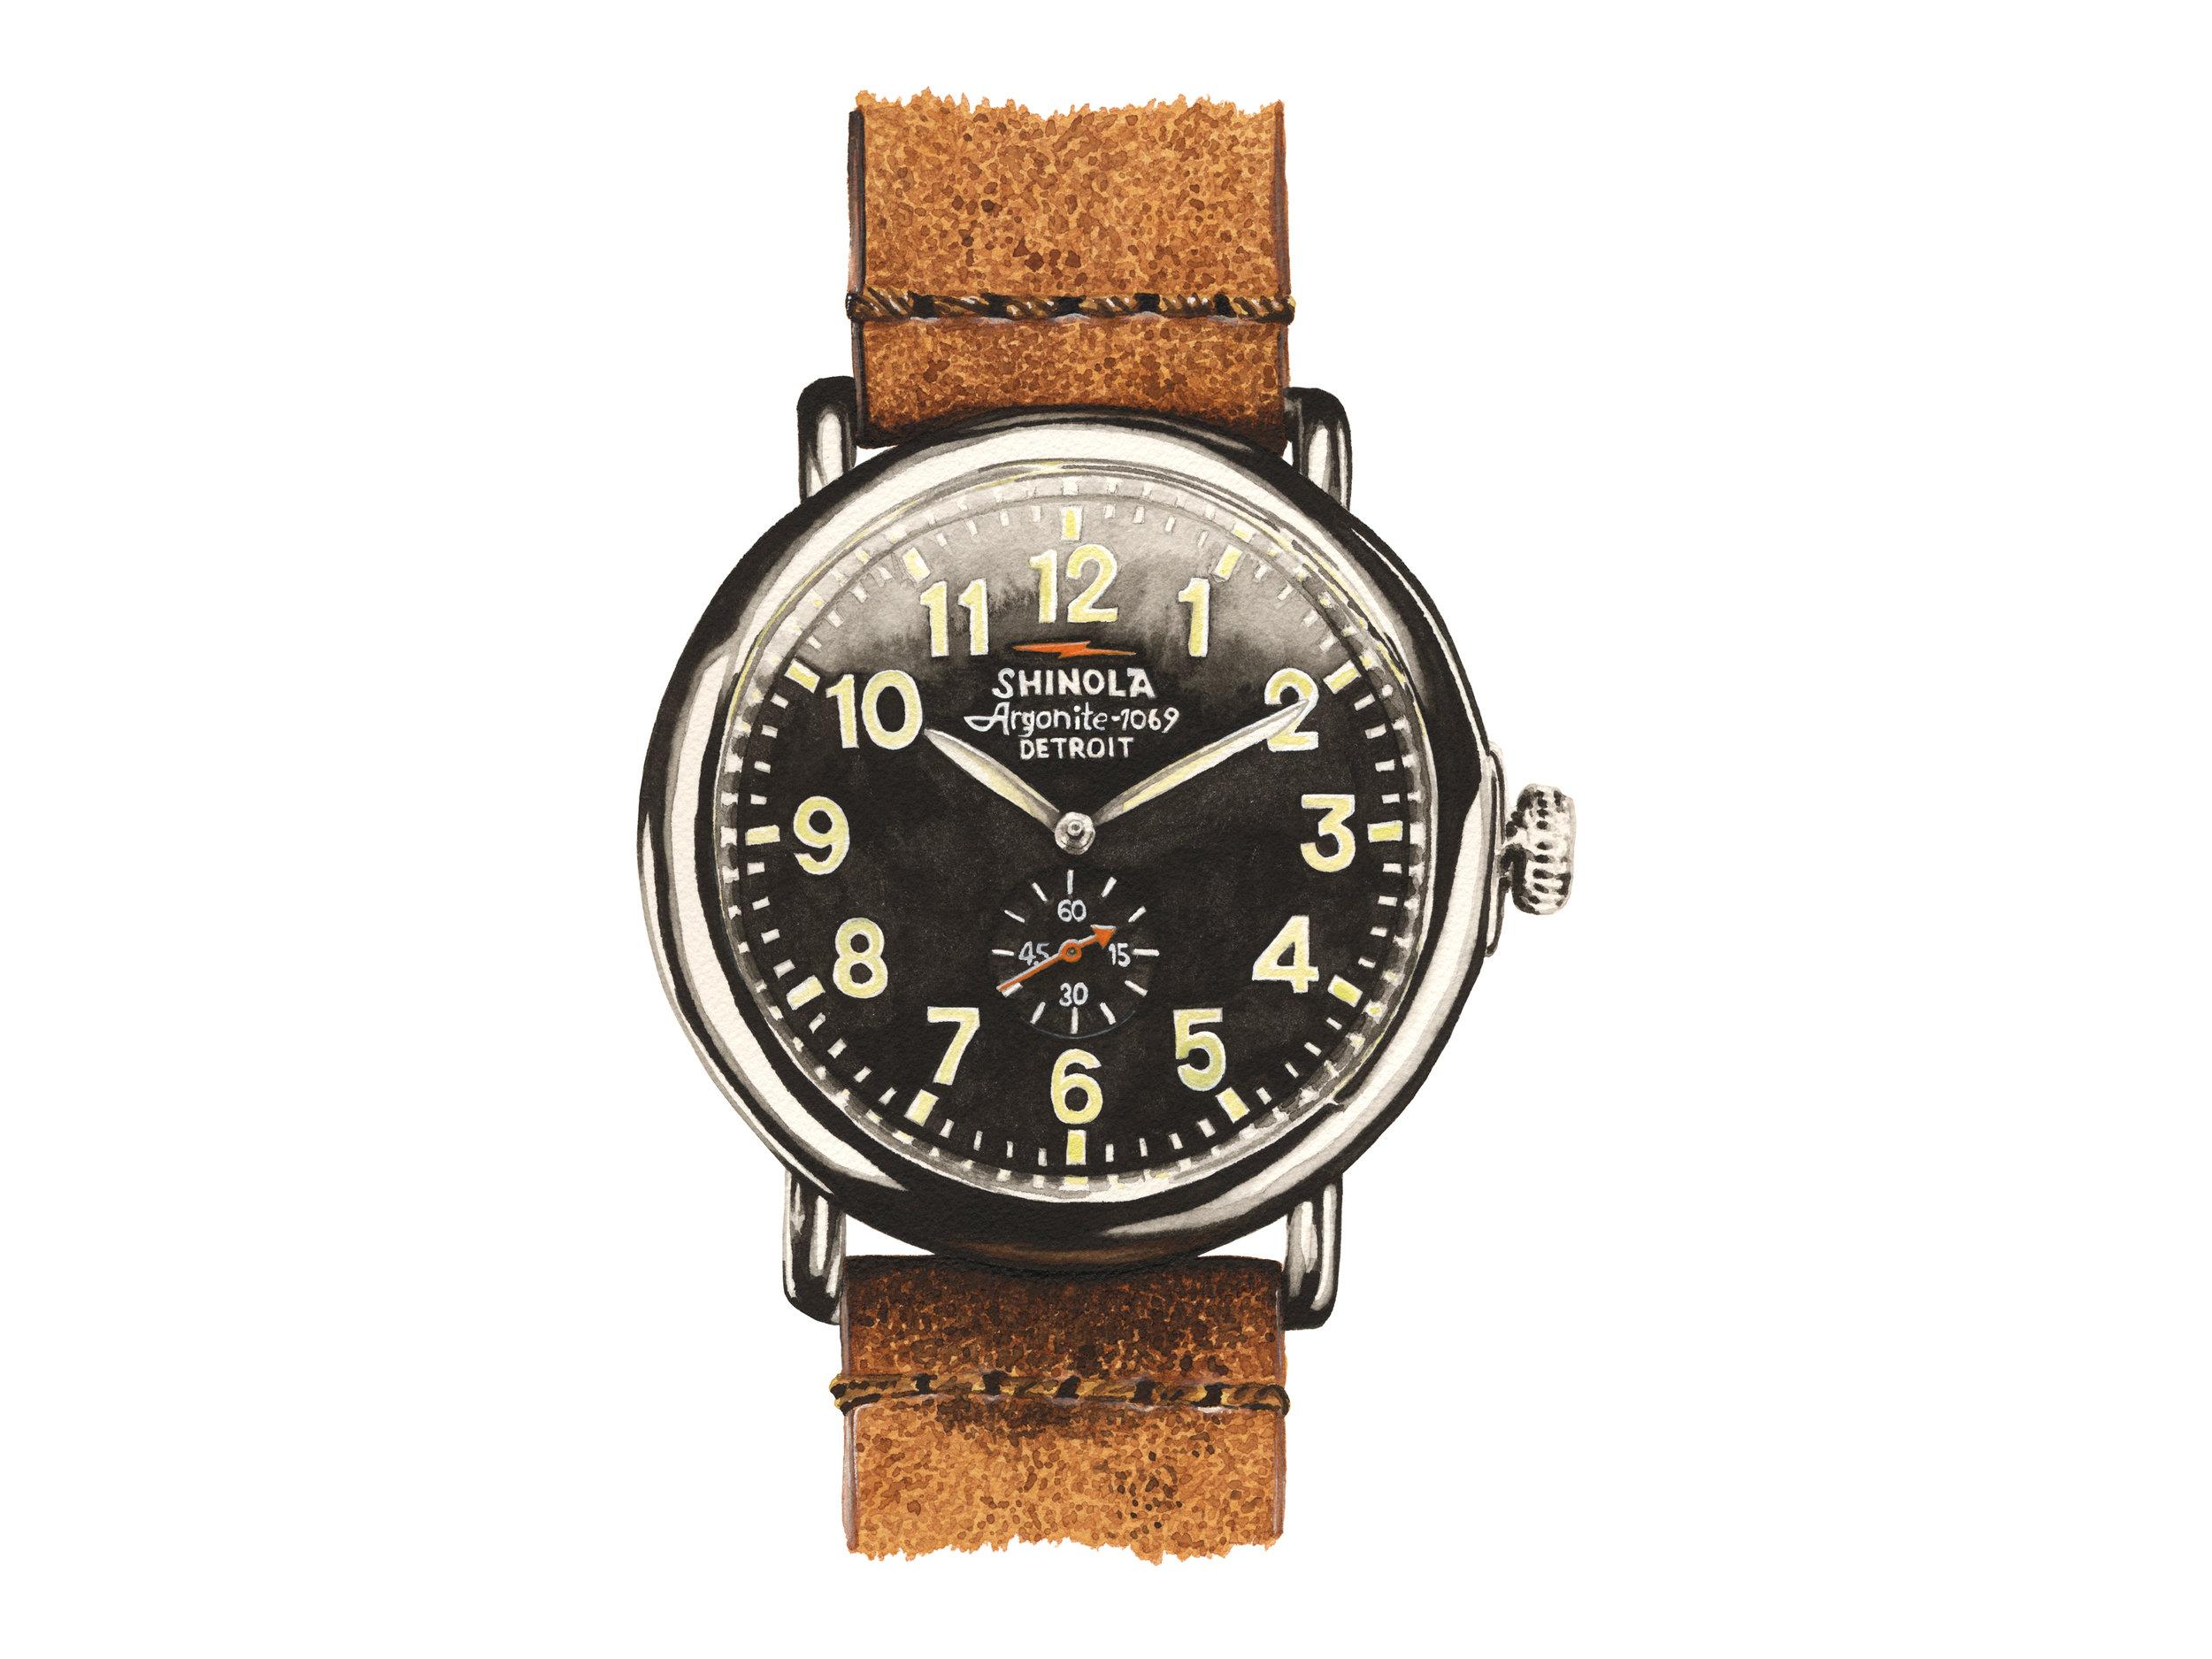 Shinola Watch | The Runwell